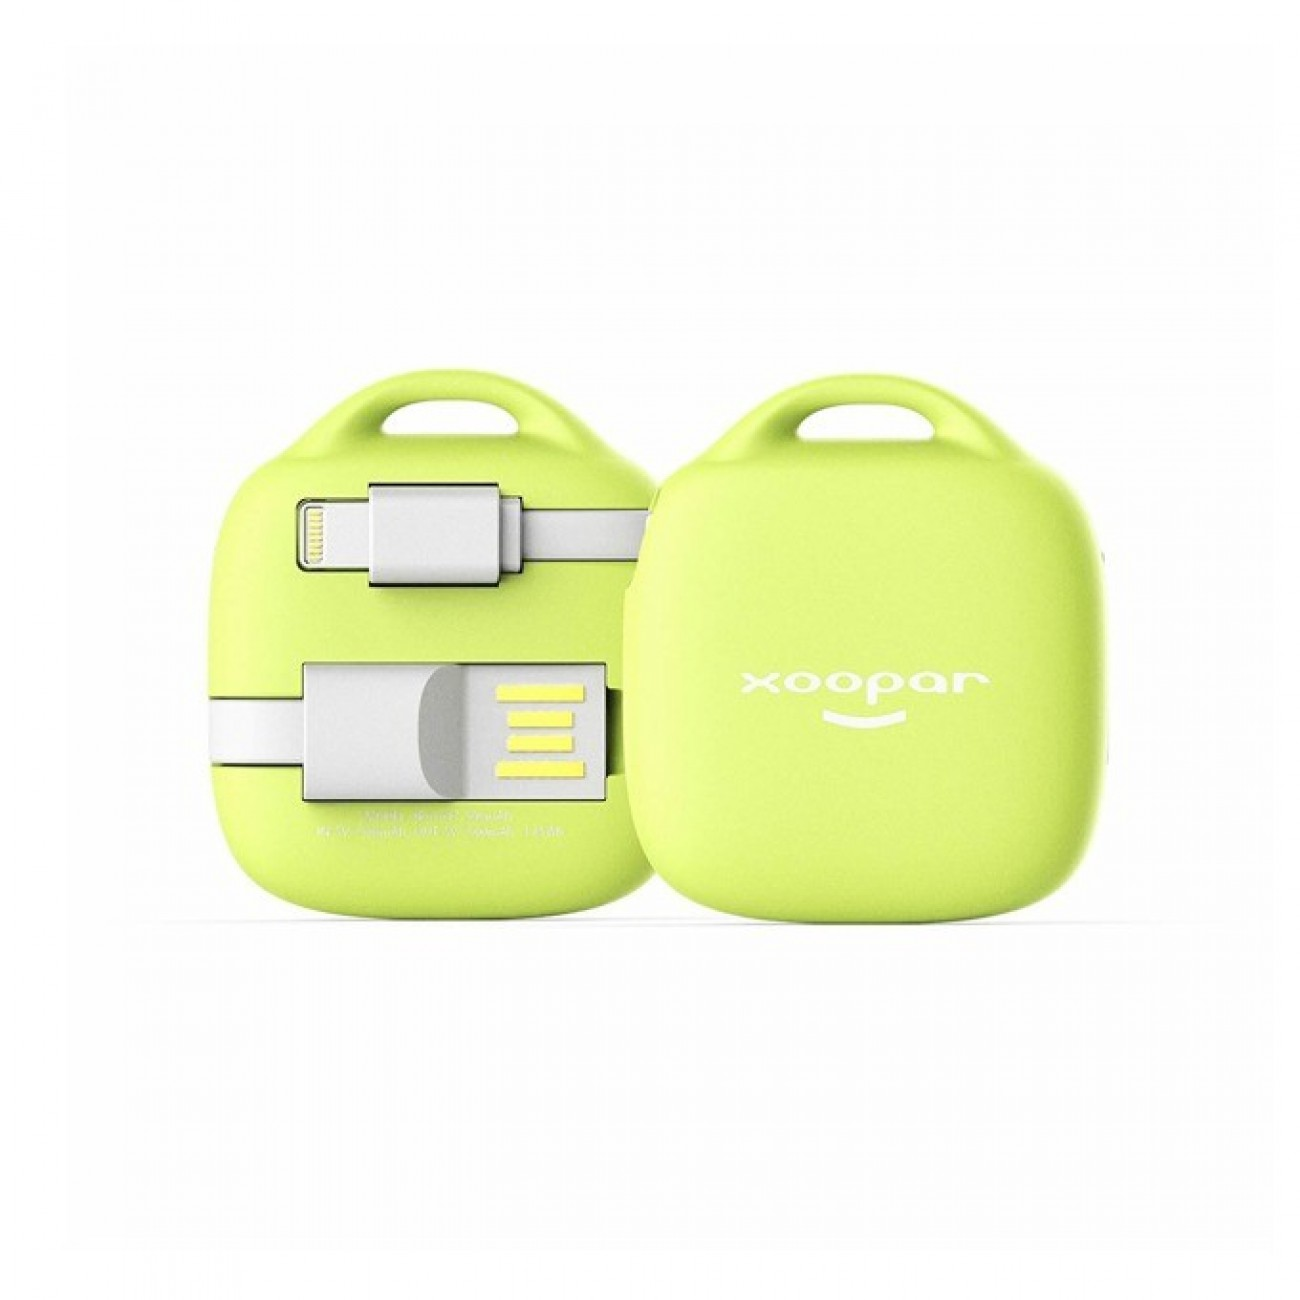 Външна батерия /power bank/ Xoopar Hug Booster, 500 mAh, жълта в Външни батерии - Xoopar | Alleop